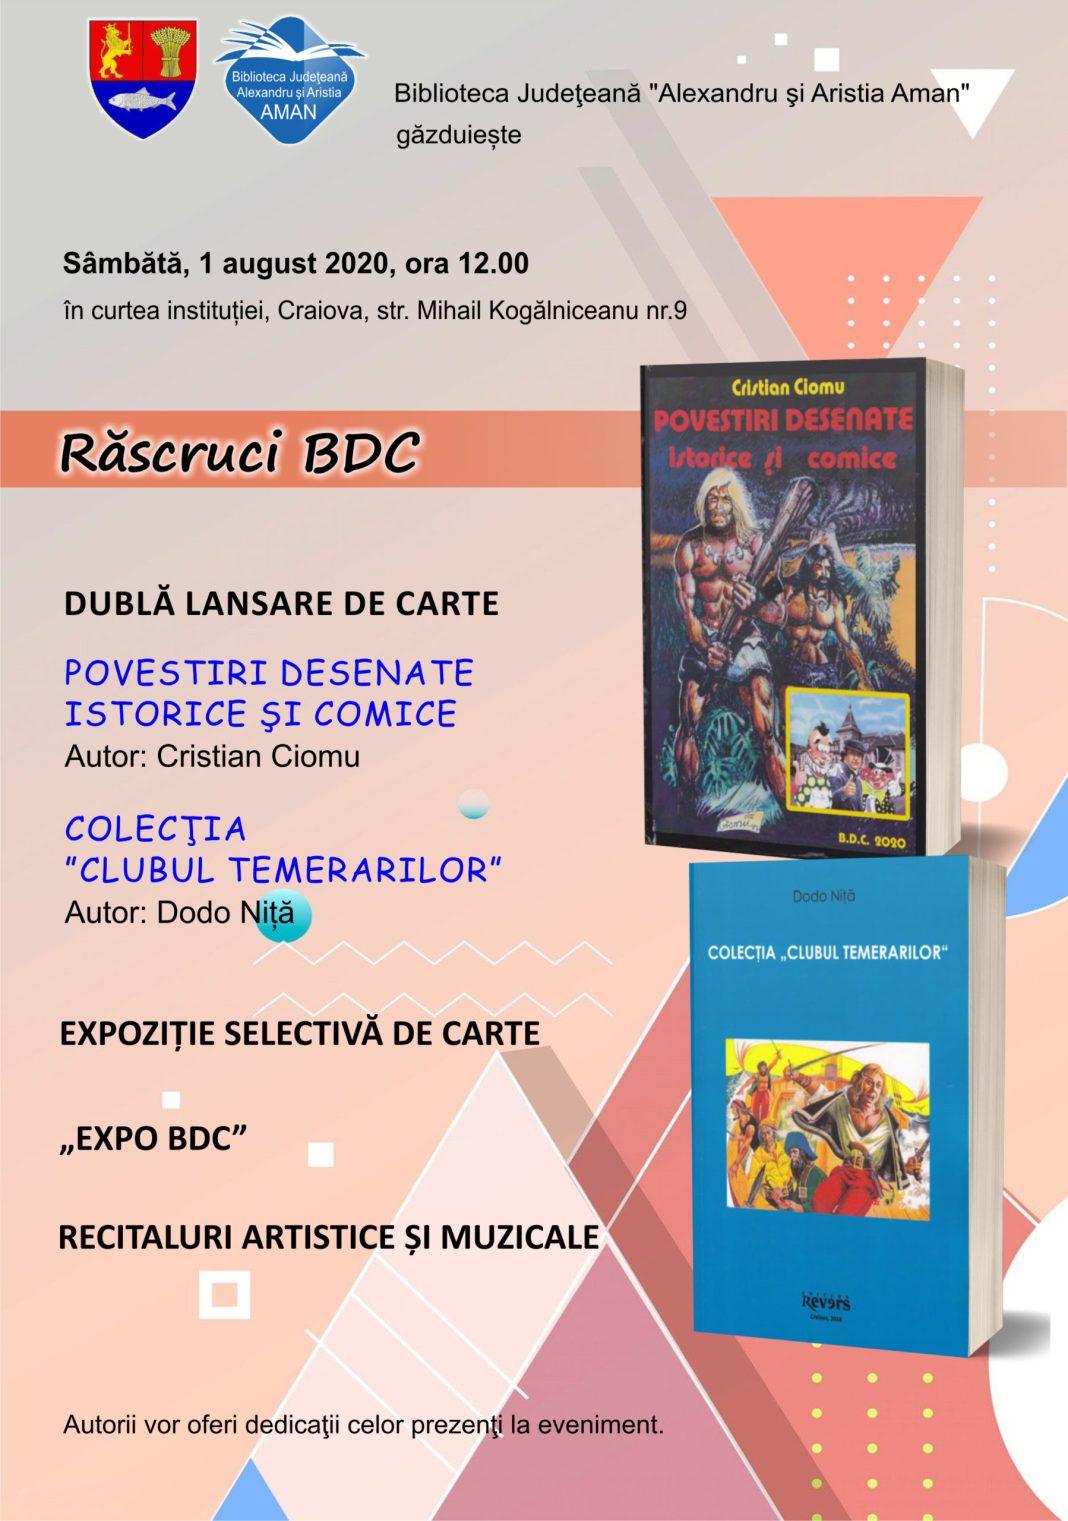 """Biblioteca Aman găzduiește sâmbătă, 1 august, începând cu ora 12:00, în curtea instituției, evenimentul """"Răscruci BDC"""""""